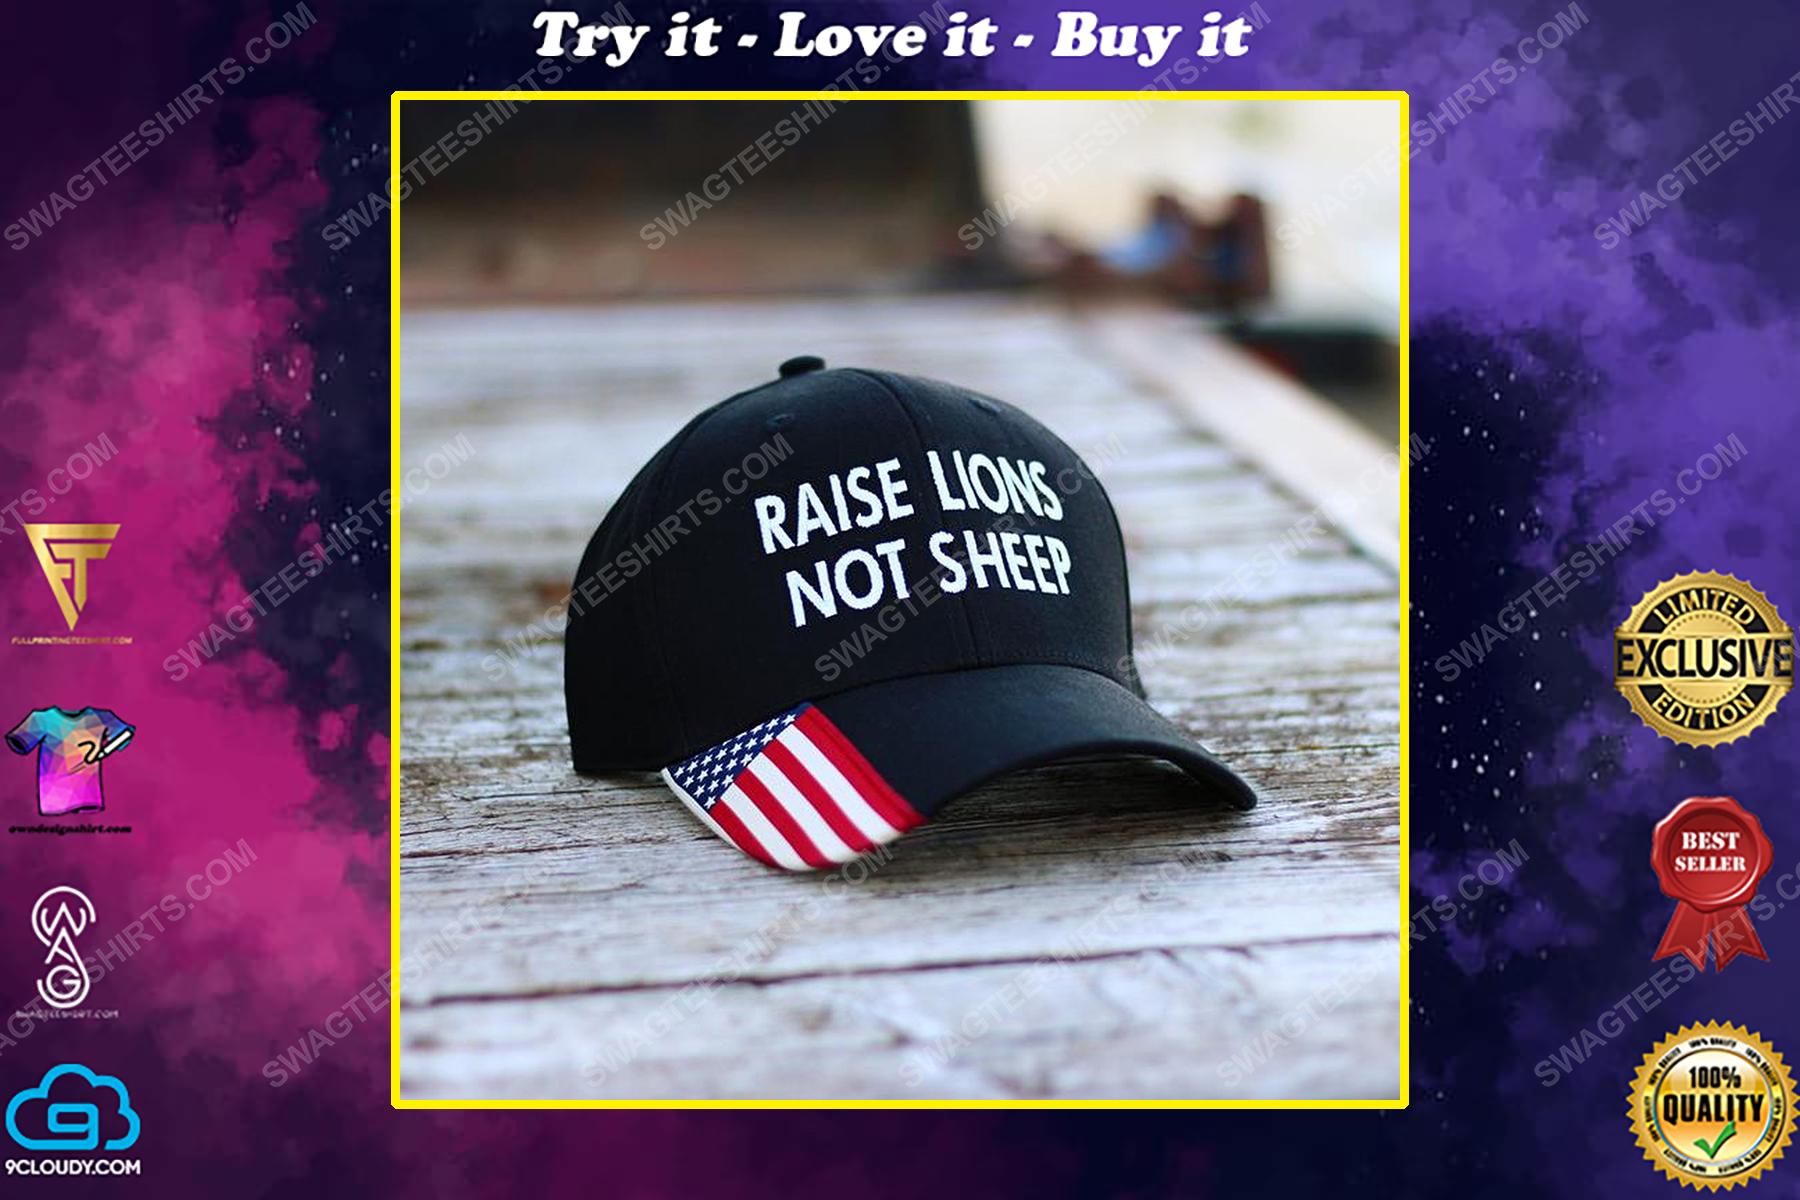 Raise lions not sheep full print classic hat